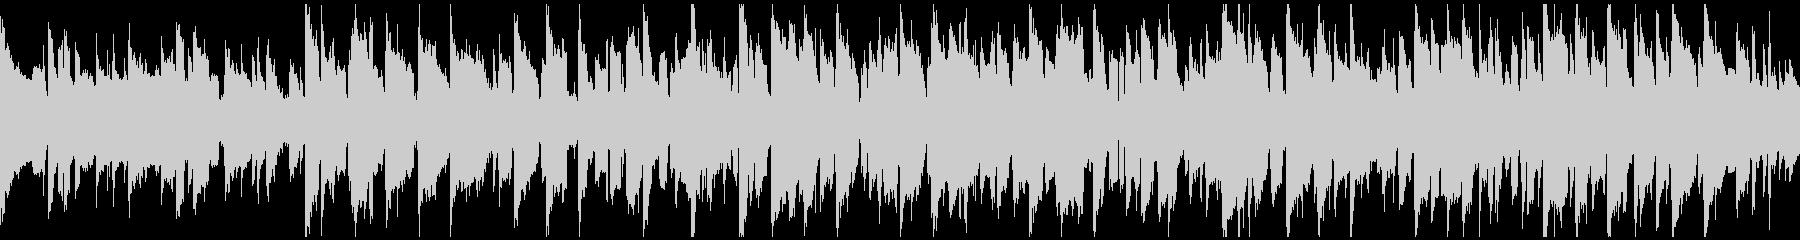 リコーダー&ピアノ、田舎 ※ループ仕様版の未再生の波形